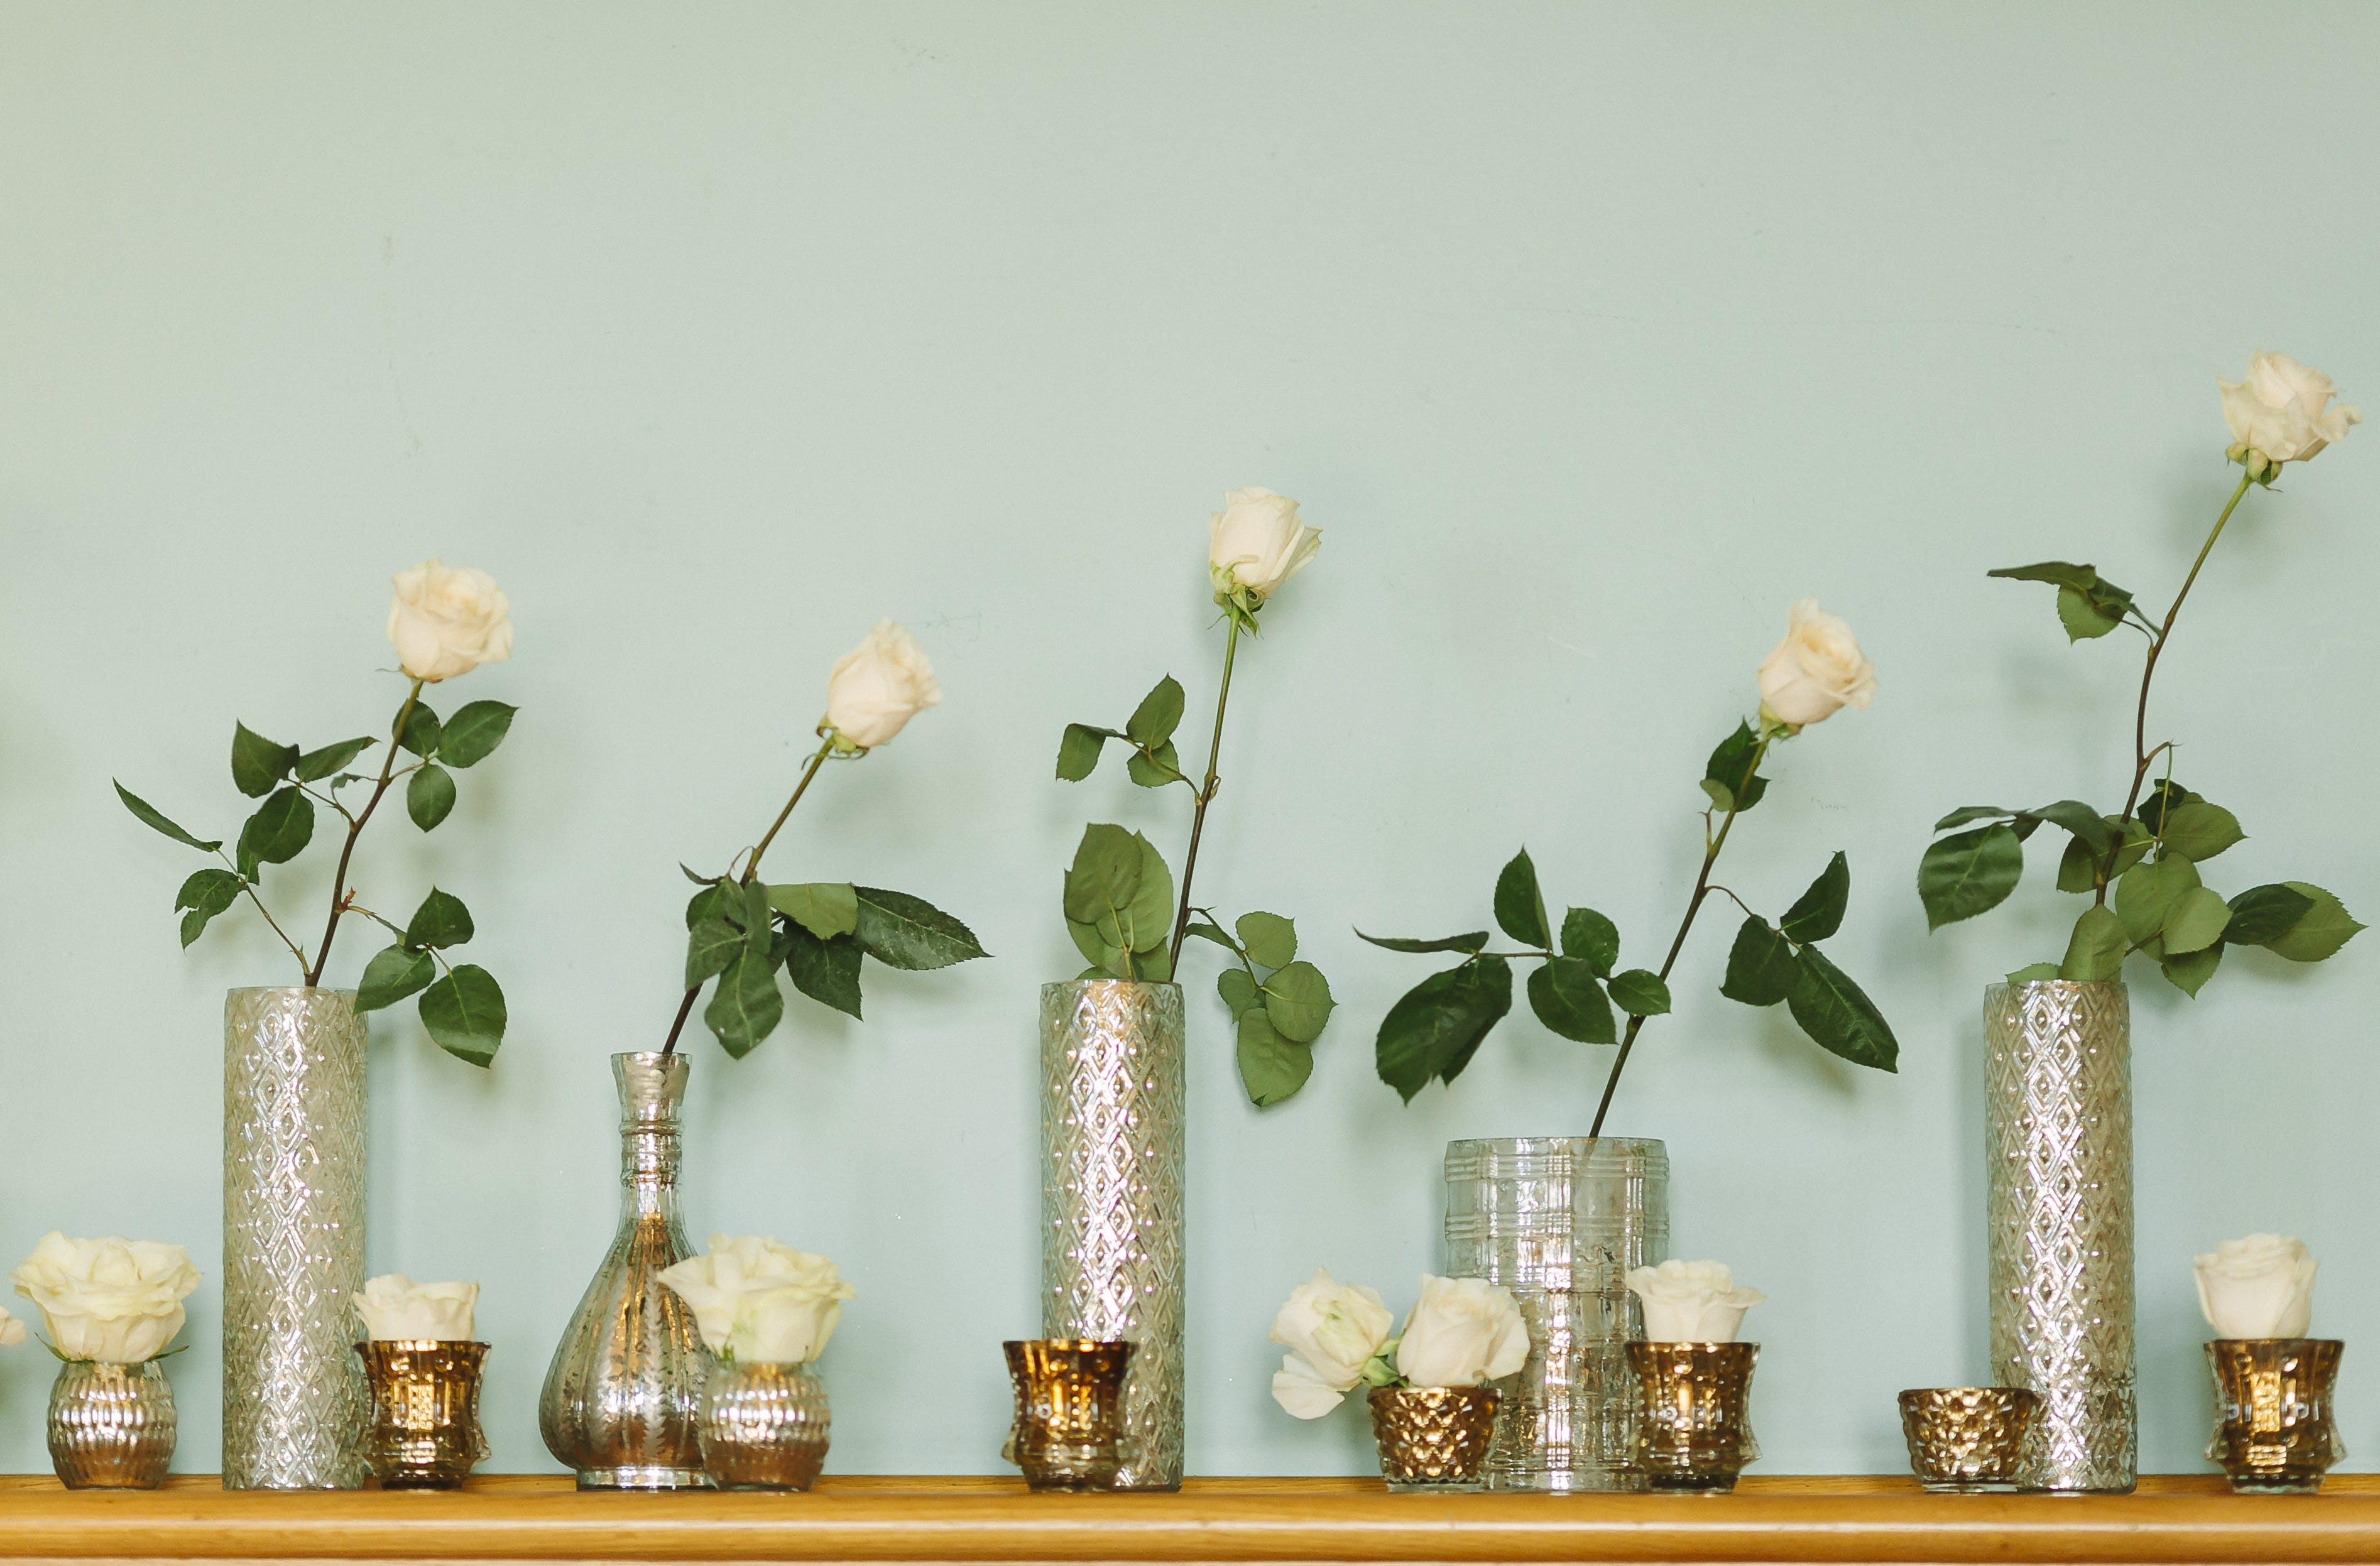 Gratis lagerfoto af blad, blomst, blomster, blomsterarrangement